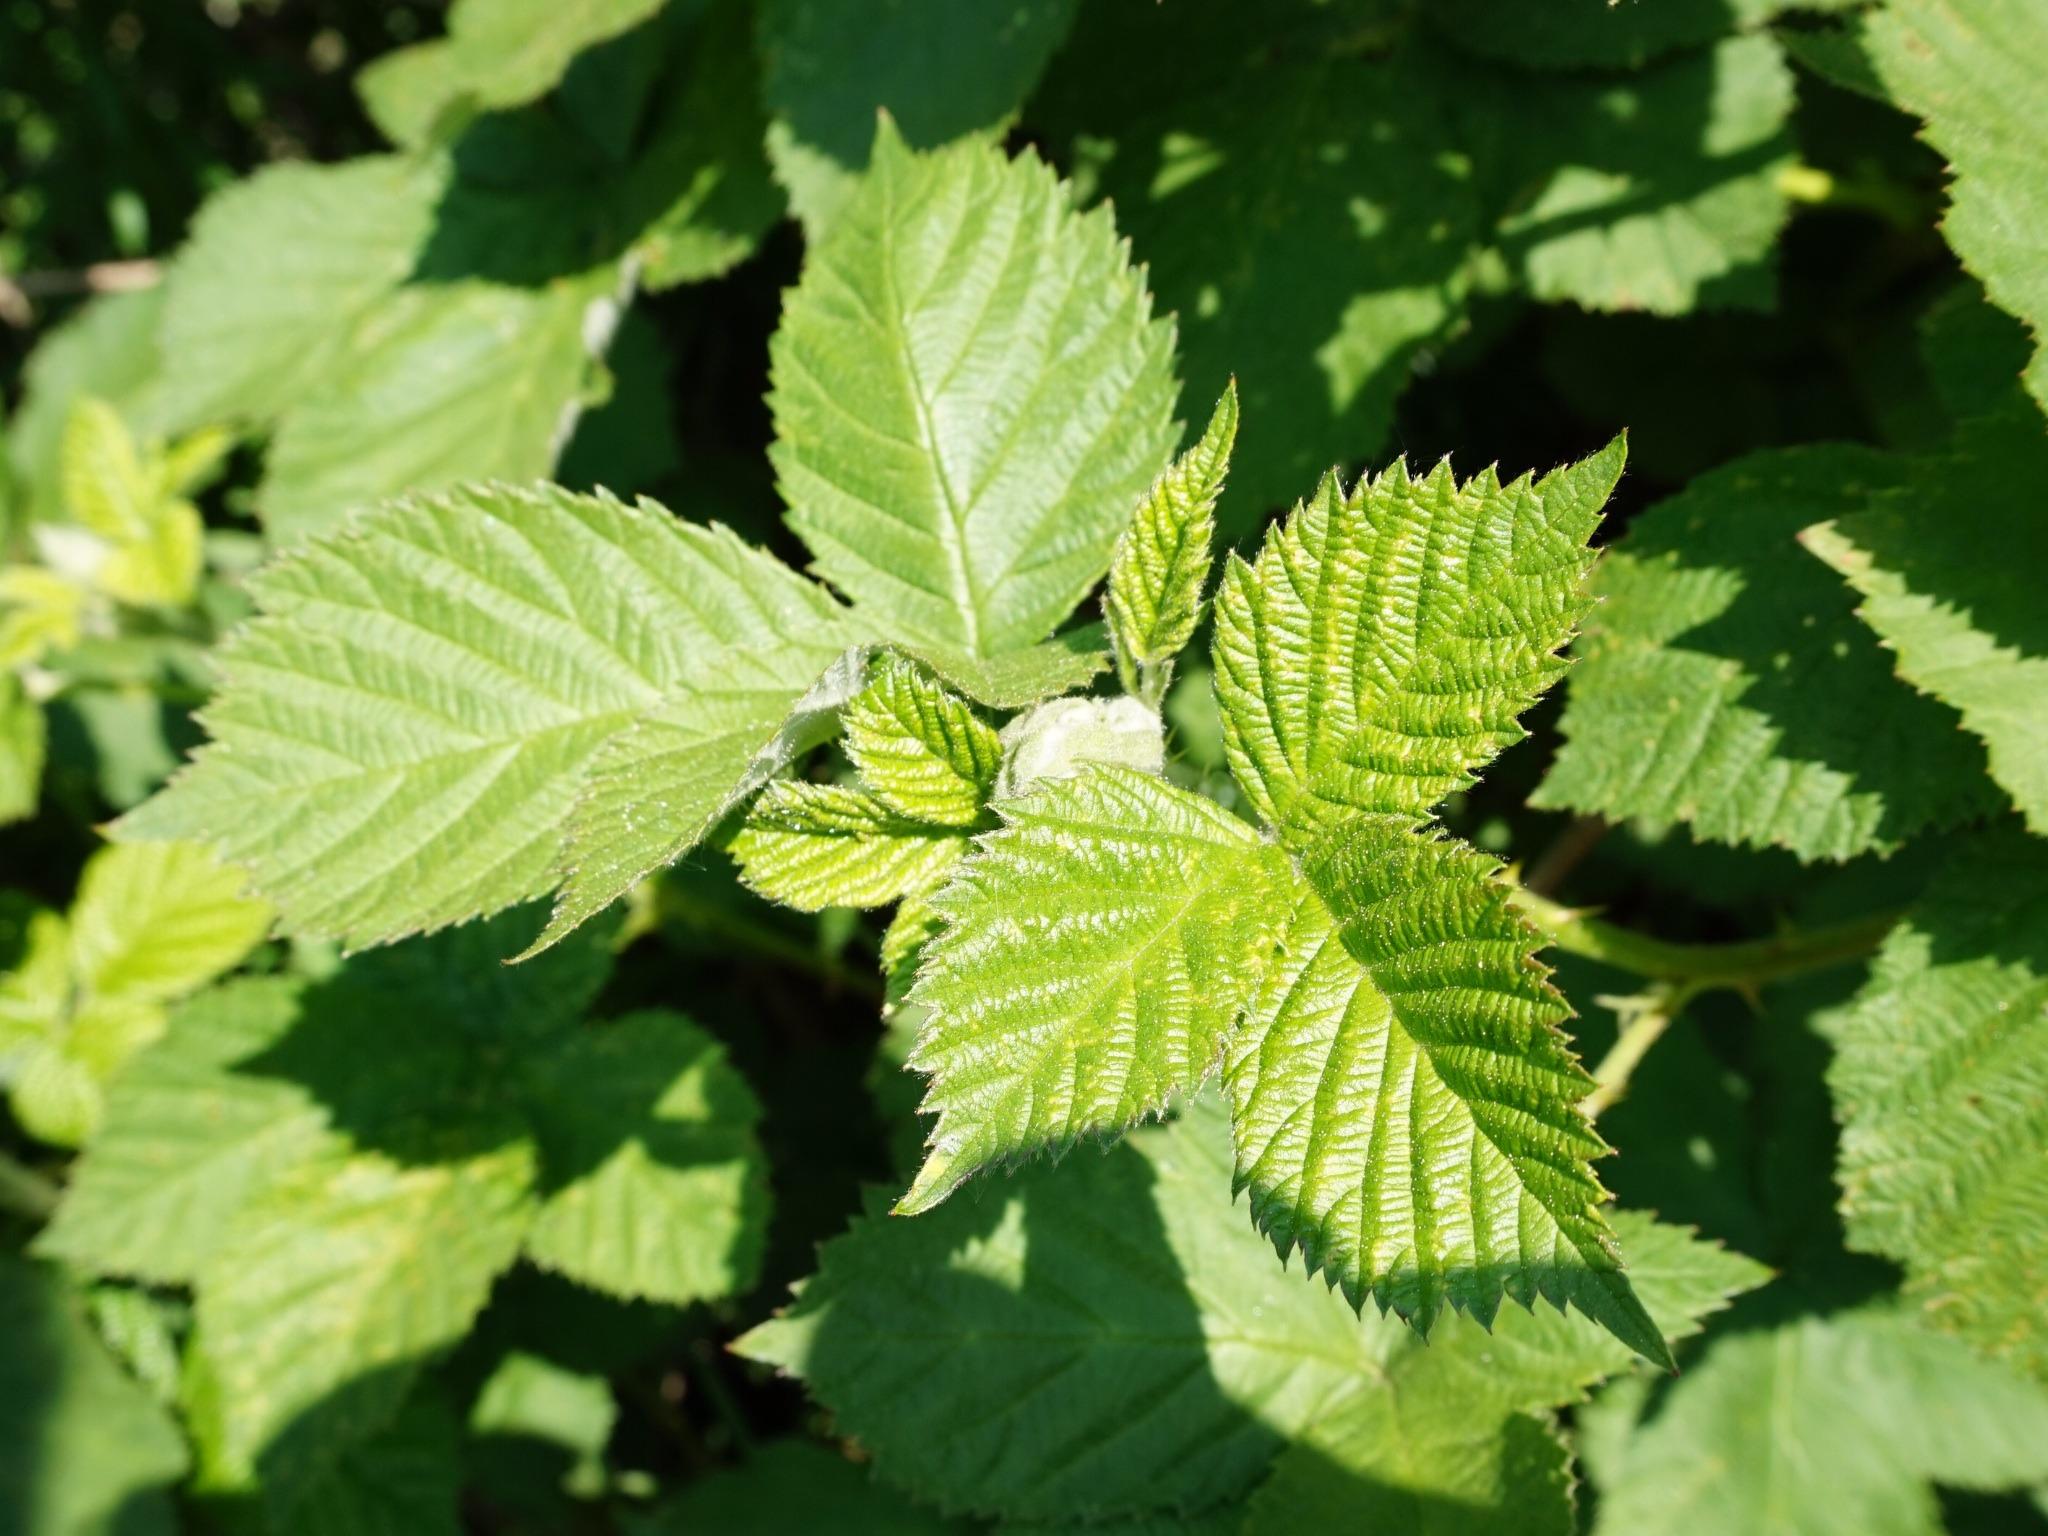 images gratuites feuille fleur printemps vert herbe produire feuilles arbuste m res. Black Bedroom Furniture Sets. Home Design Ideas